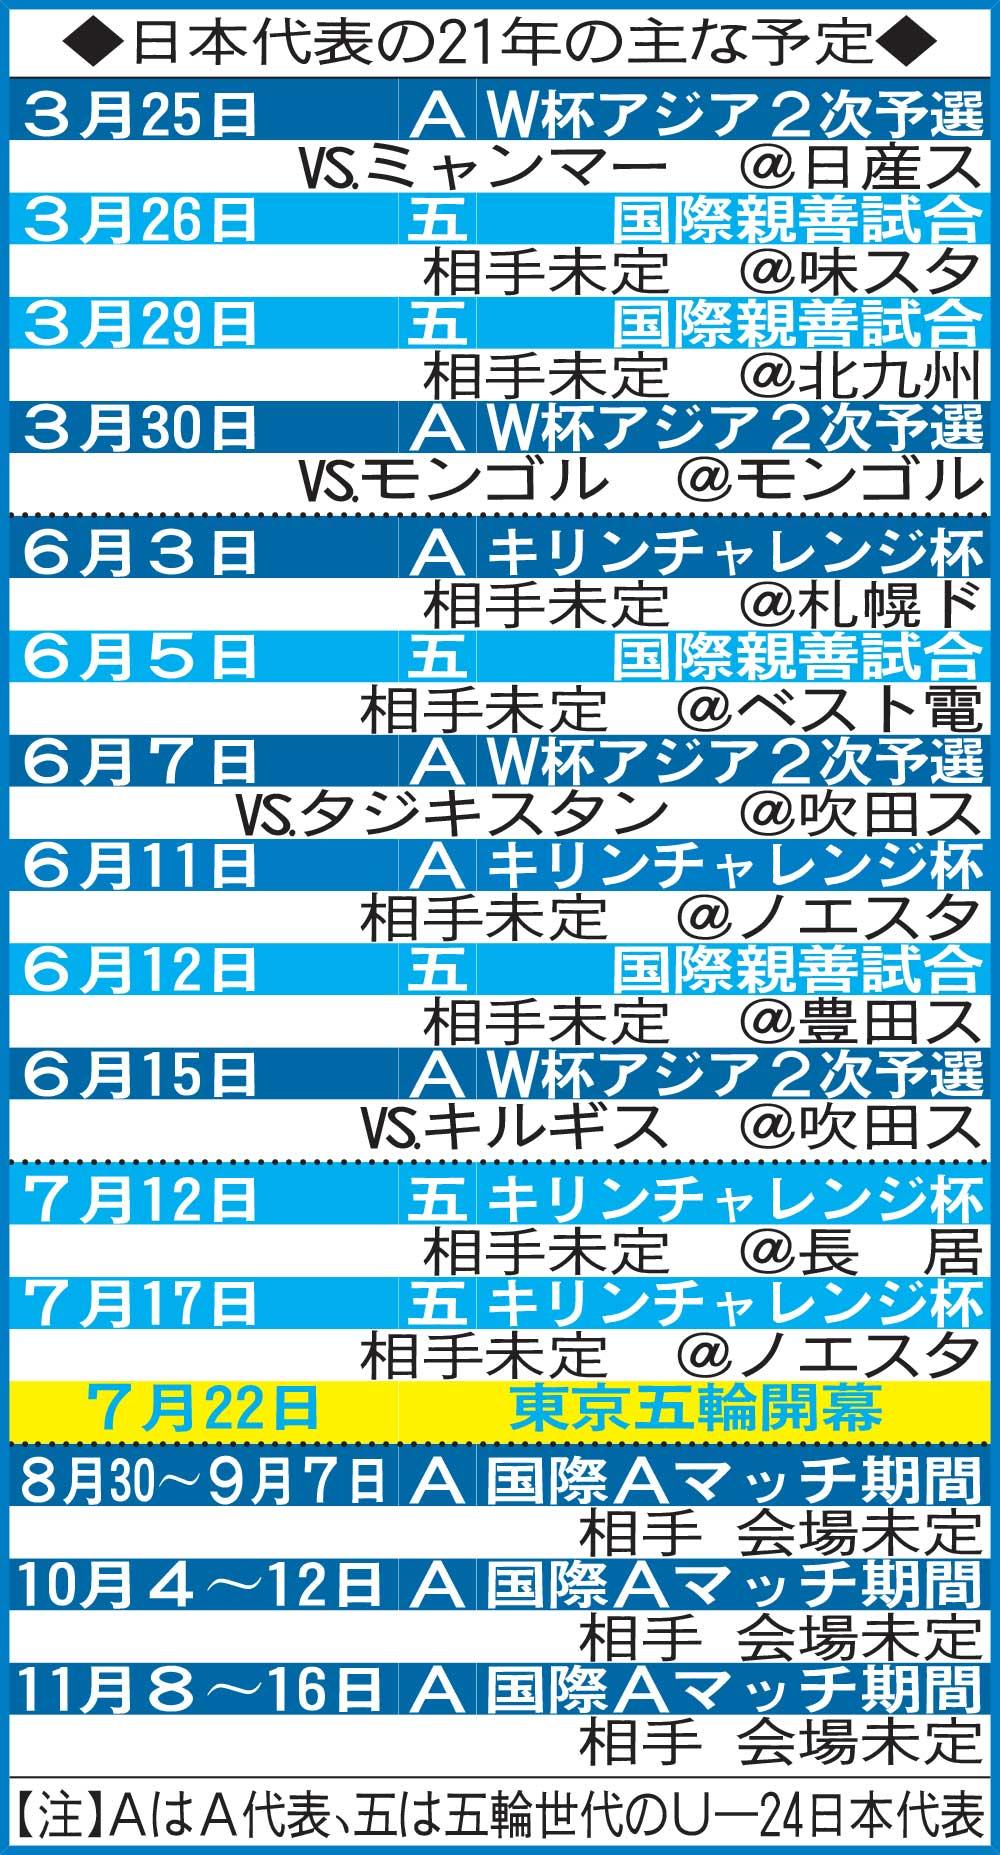 日本代表の21年の主な予定